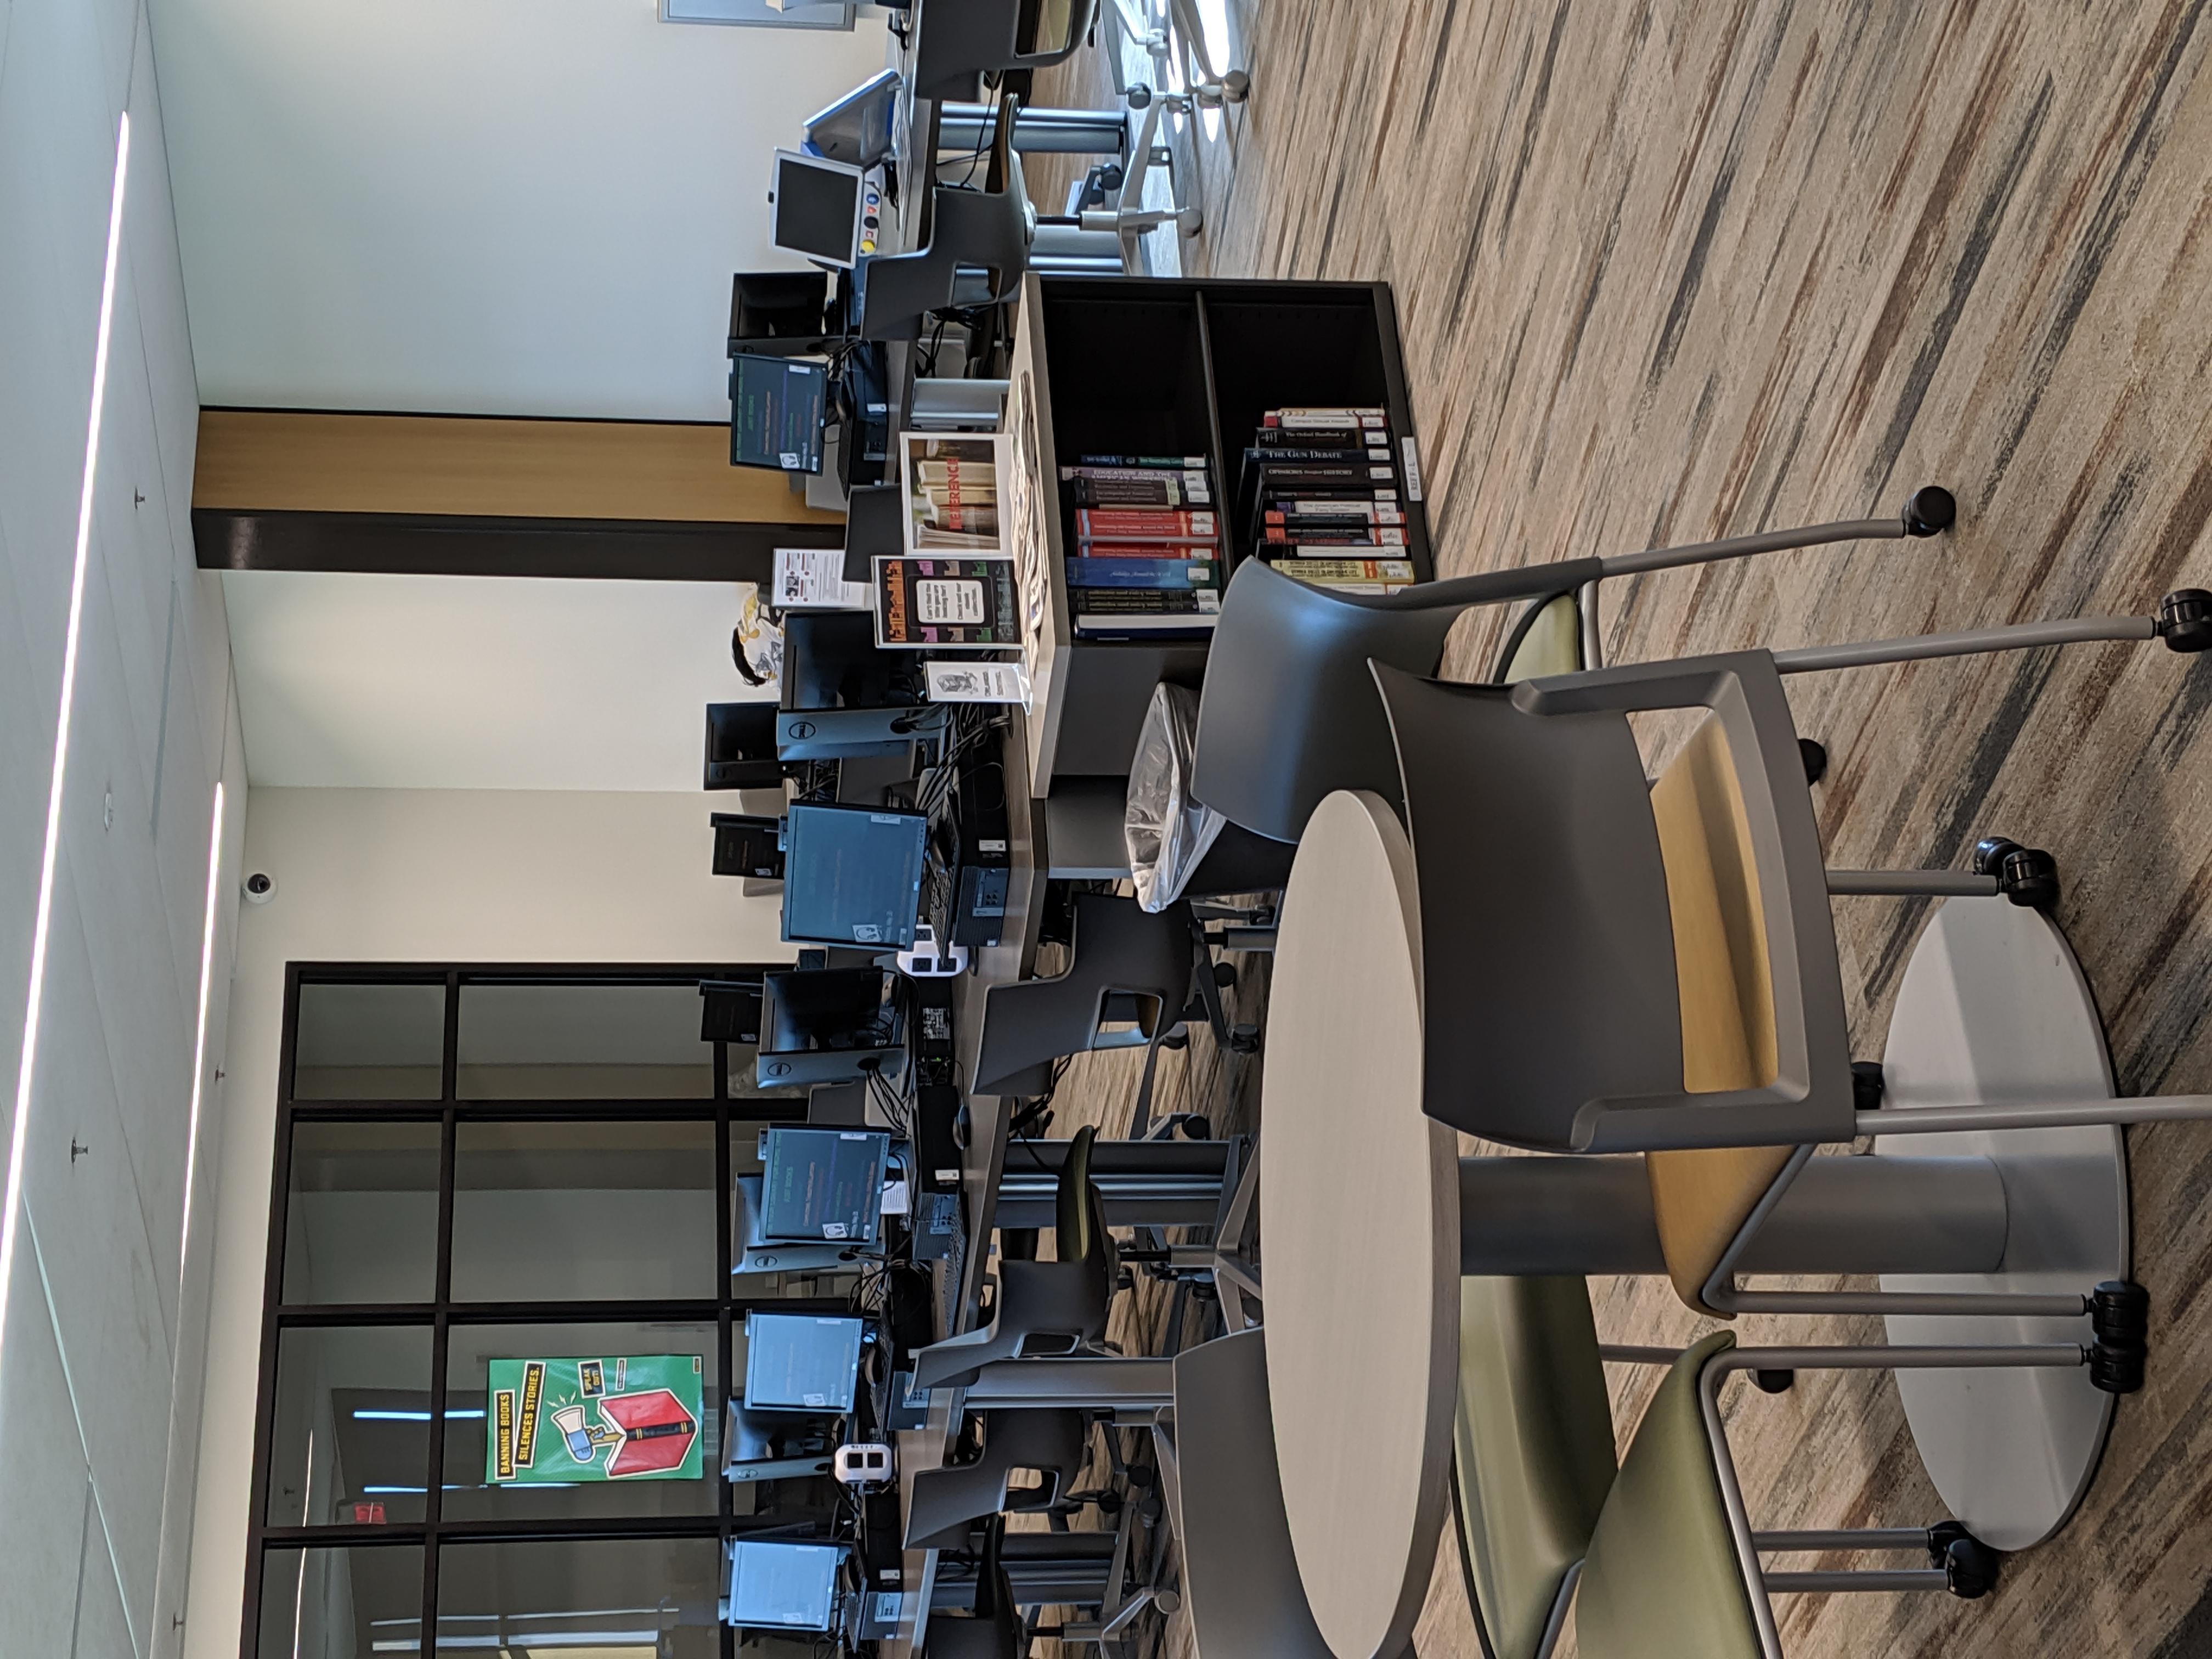 Poinciana Campus Library